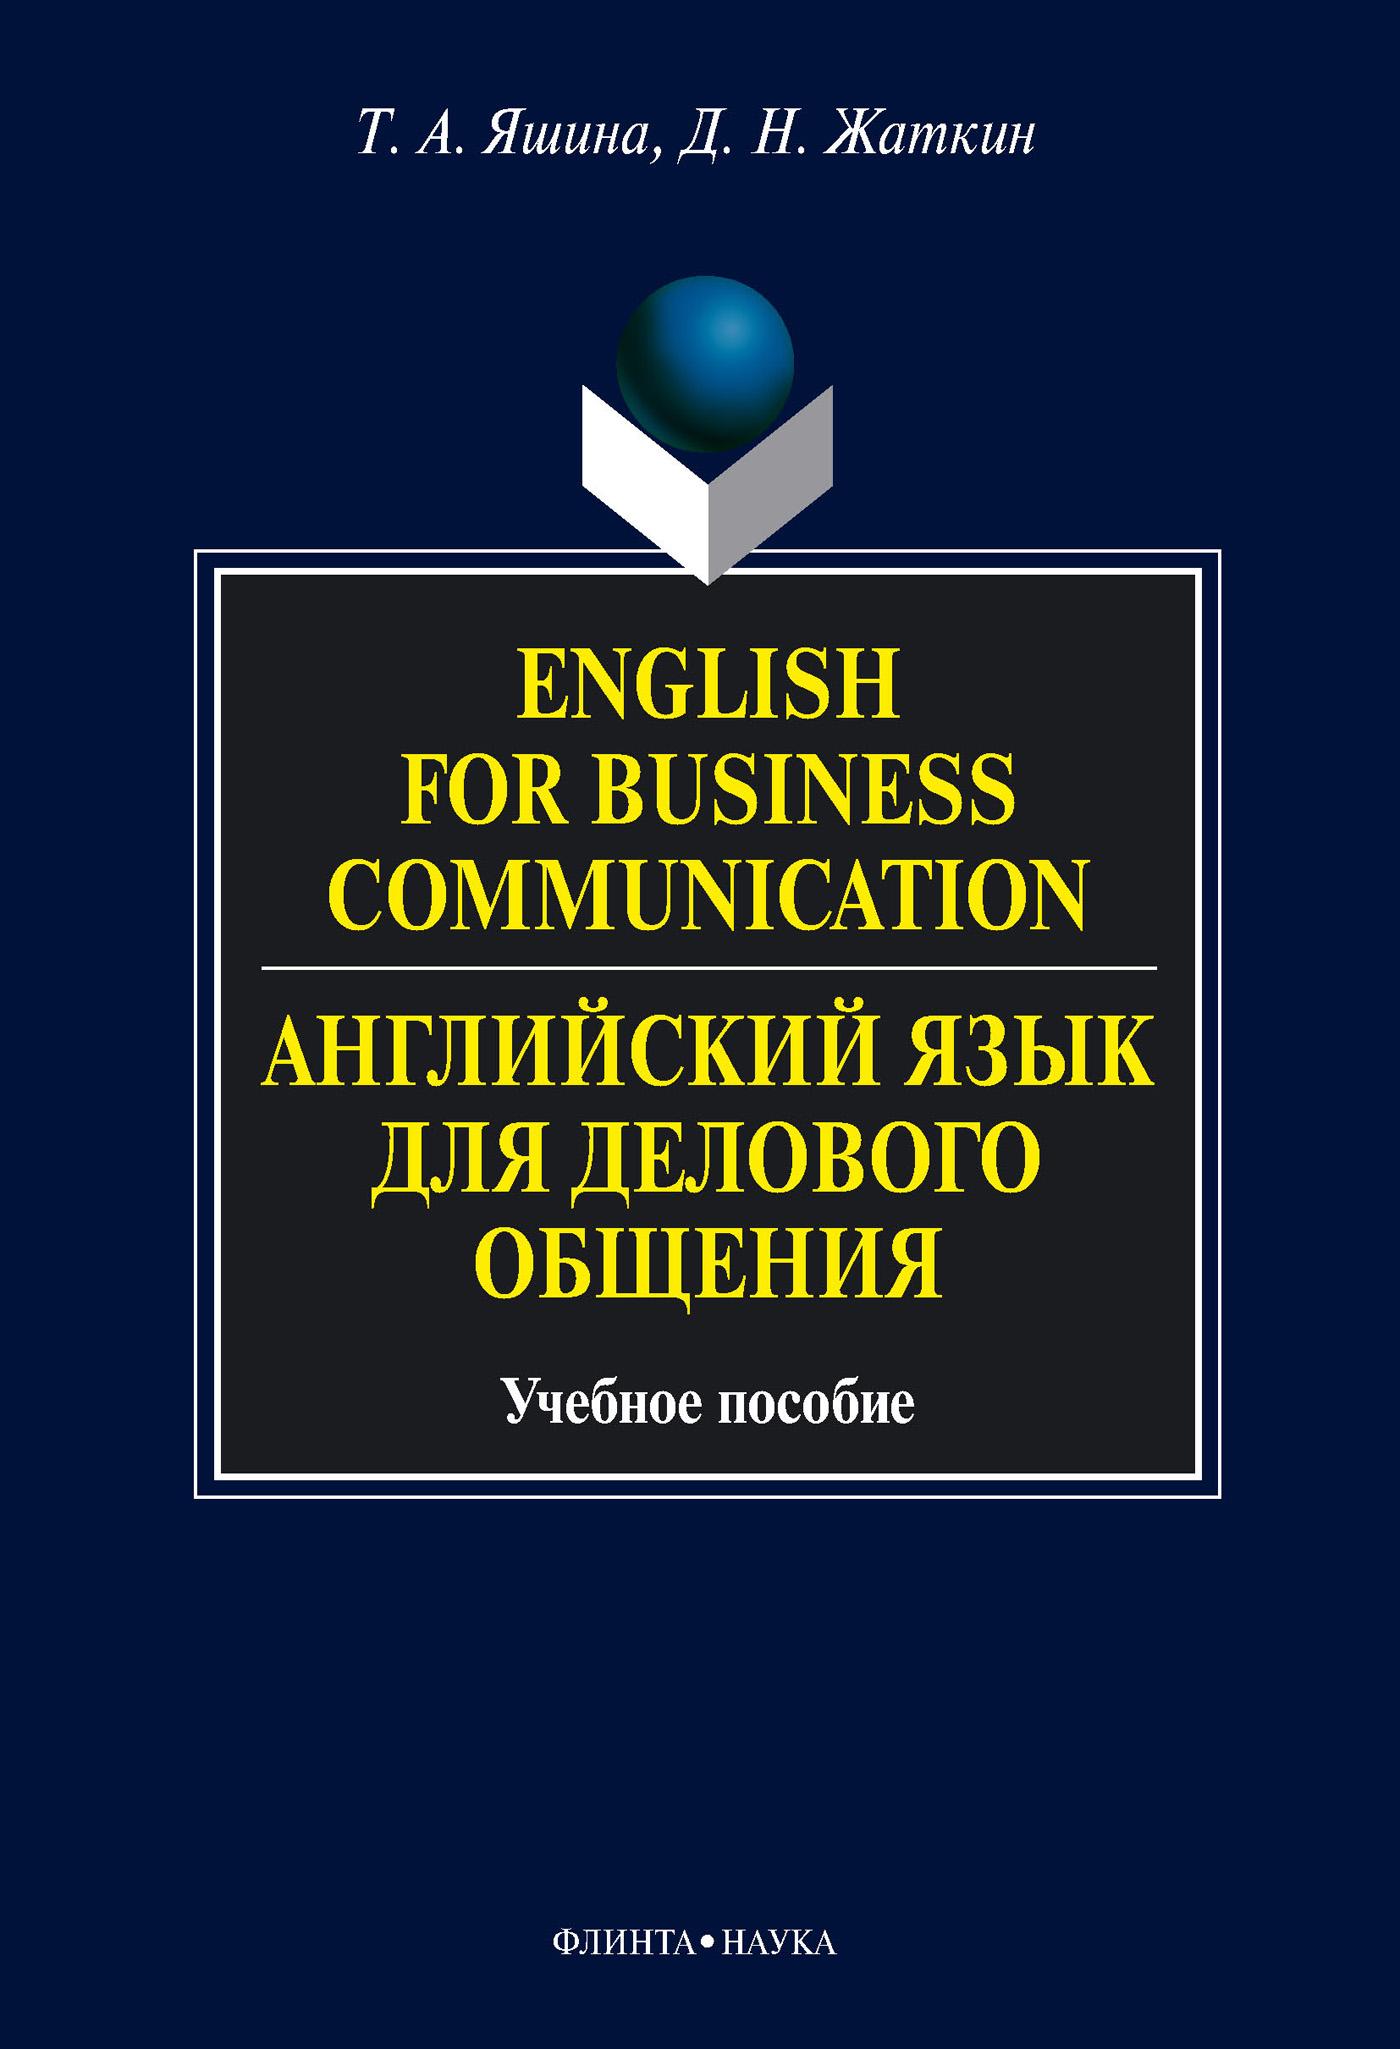 цены Т. А. Яшина English for Business Communication. Английский язык для делового общения. Учебное пособие